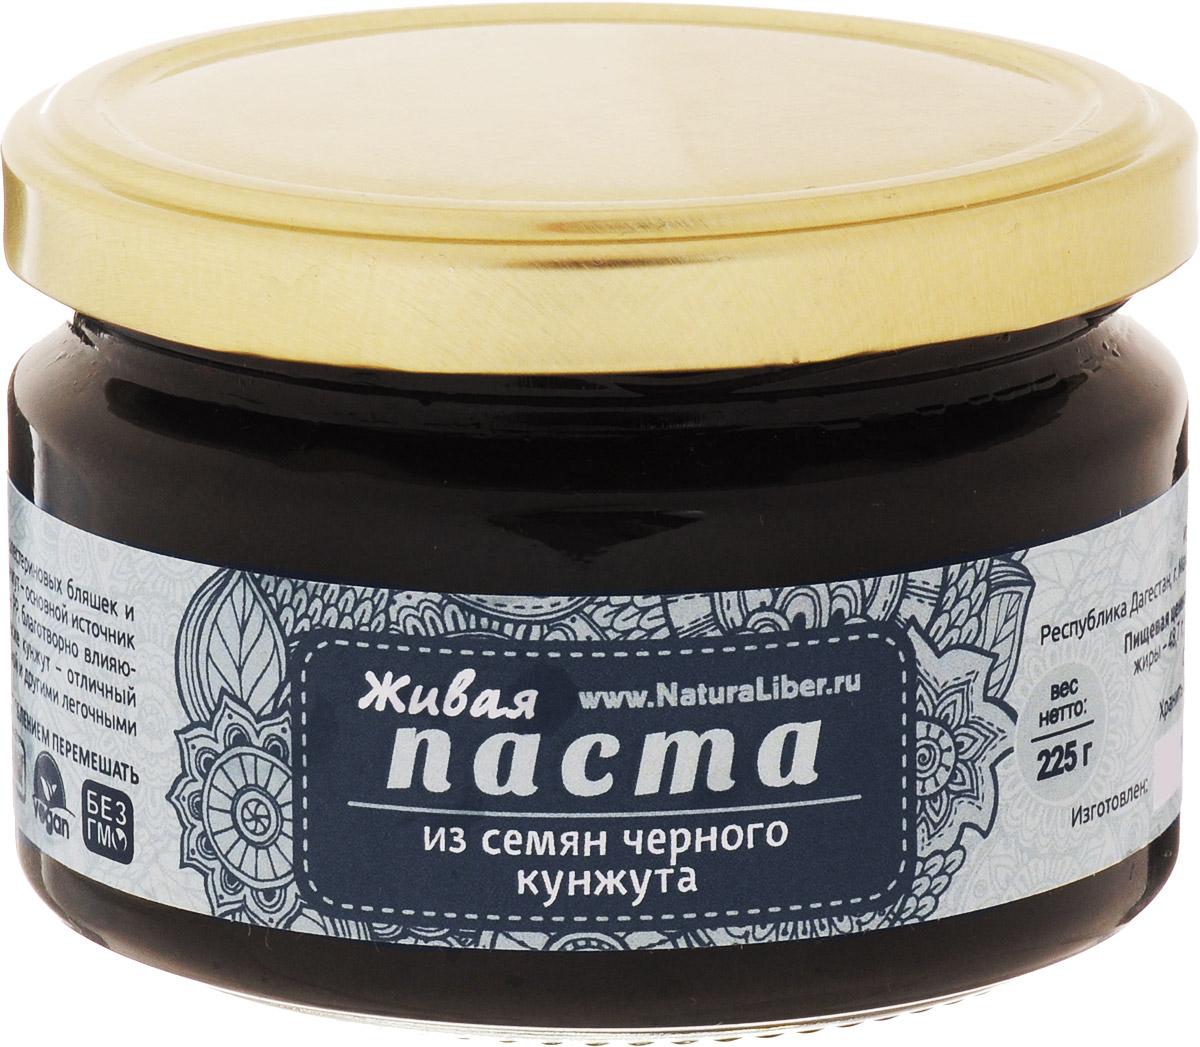 NaturaLiber паста из семян черного кунжута, 225 г00-00000126Кунжут прекрасно очищает сосуды от холестериновых бляшек и улучшает формулу крови. Функцию снижения холестерина выполняет содержащийся в семенах кунжута бета-ситостерин. Кроме того кунжут - основной источник извести в организме, а входящий в его состав витамин PP благотворно влияет на пищеварительную систему. Также кунжут - отличный помощник в борьбе с бронхиальной астмой и другими легочными заболеваниями.